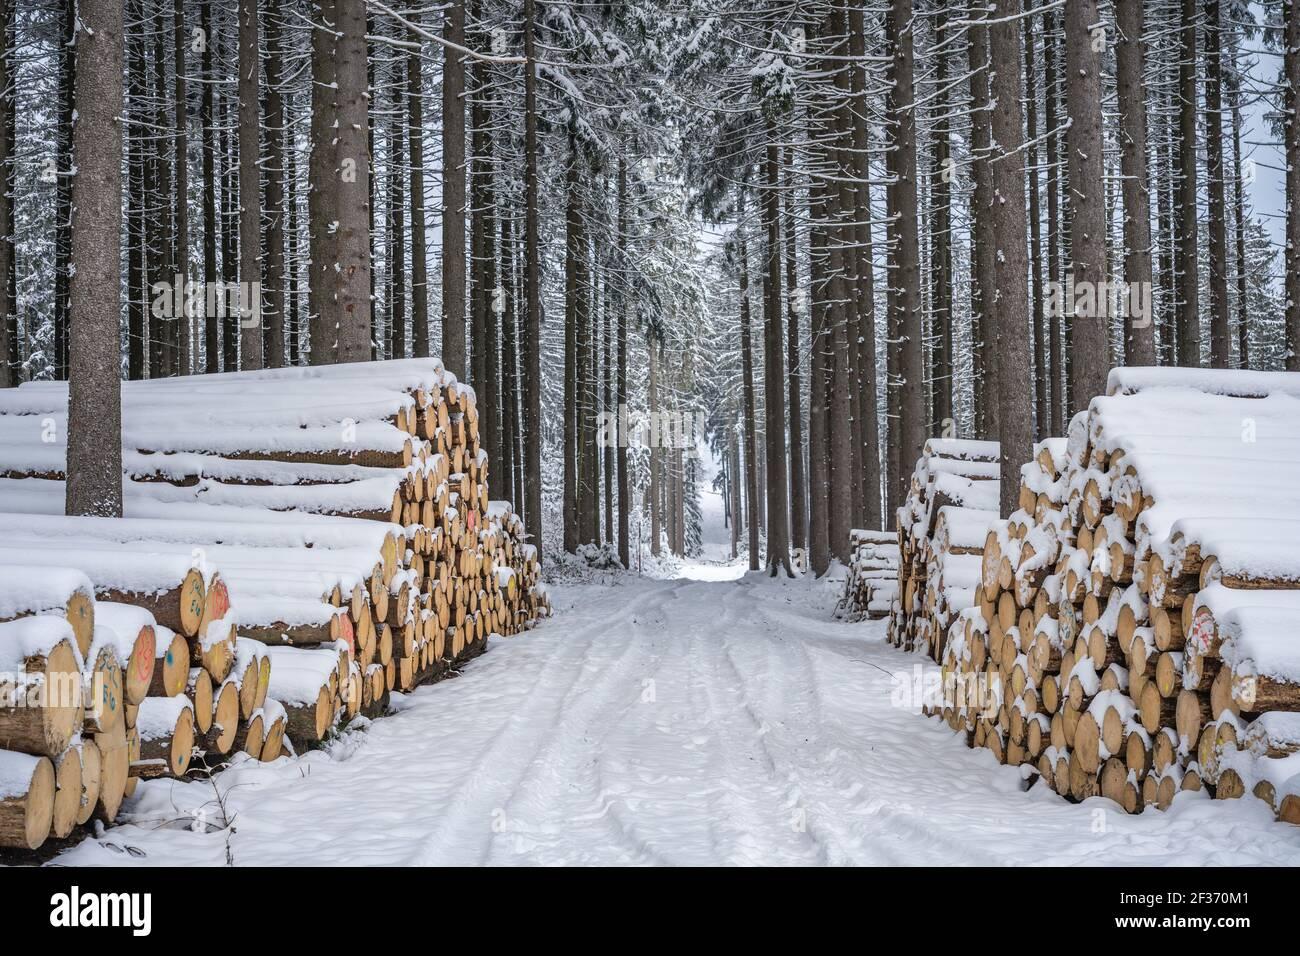 Un tas de bois recouvert de neige. Manteau d'hiver, chemin forestier et pile de bois de conifères à côté. Saison hiver. Se concentrer principalement sur le premier plan. Banque D'Images